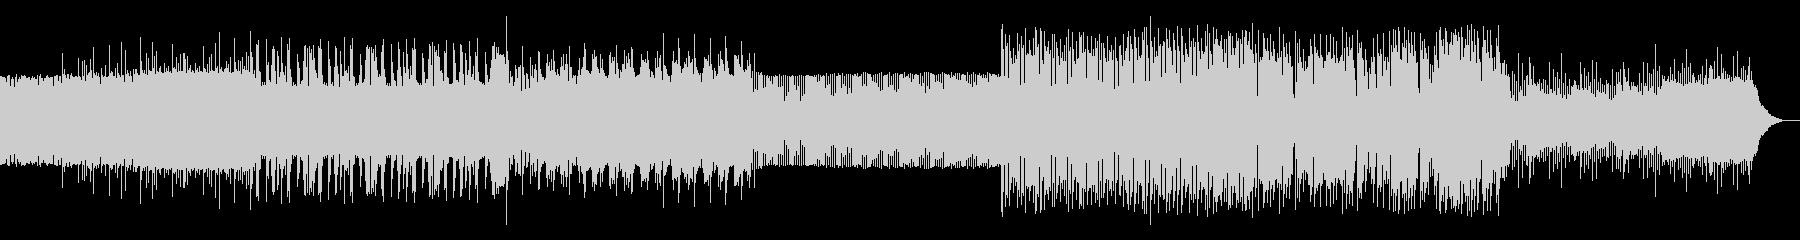 シンプルなアルペジオのテクノ07の未再生の波形